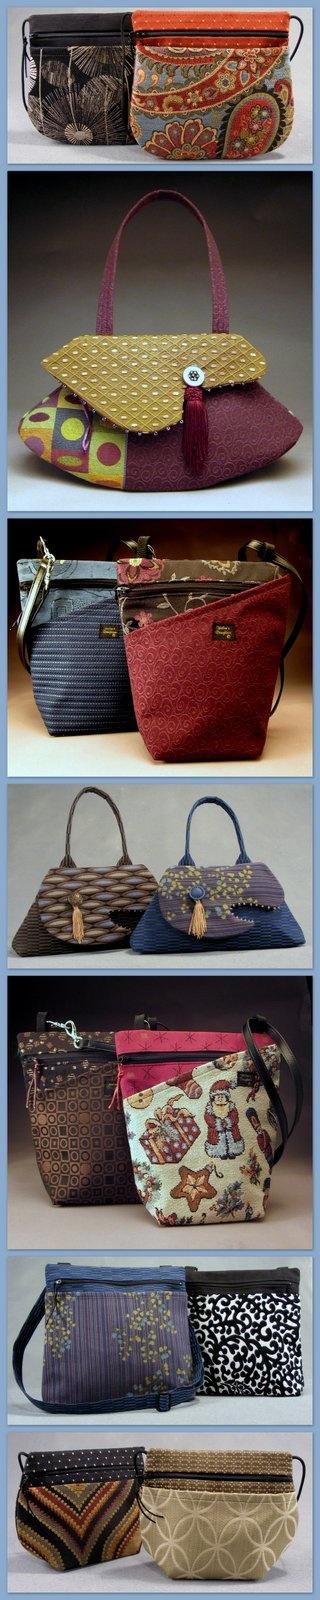 Helen's Daughters Studio - много дизайнерских сумок из ткани, но только картинки